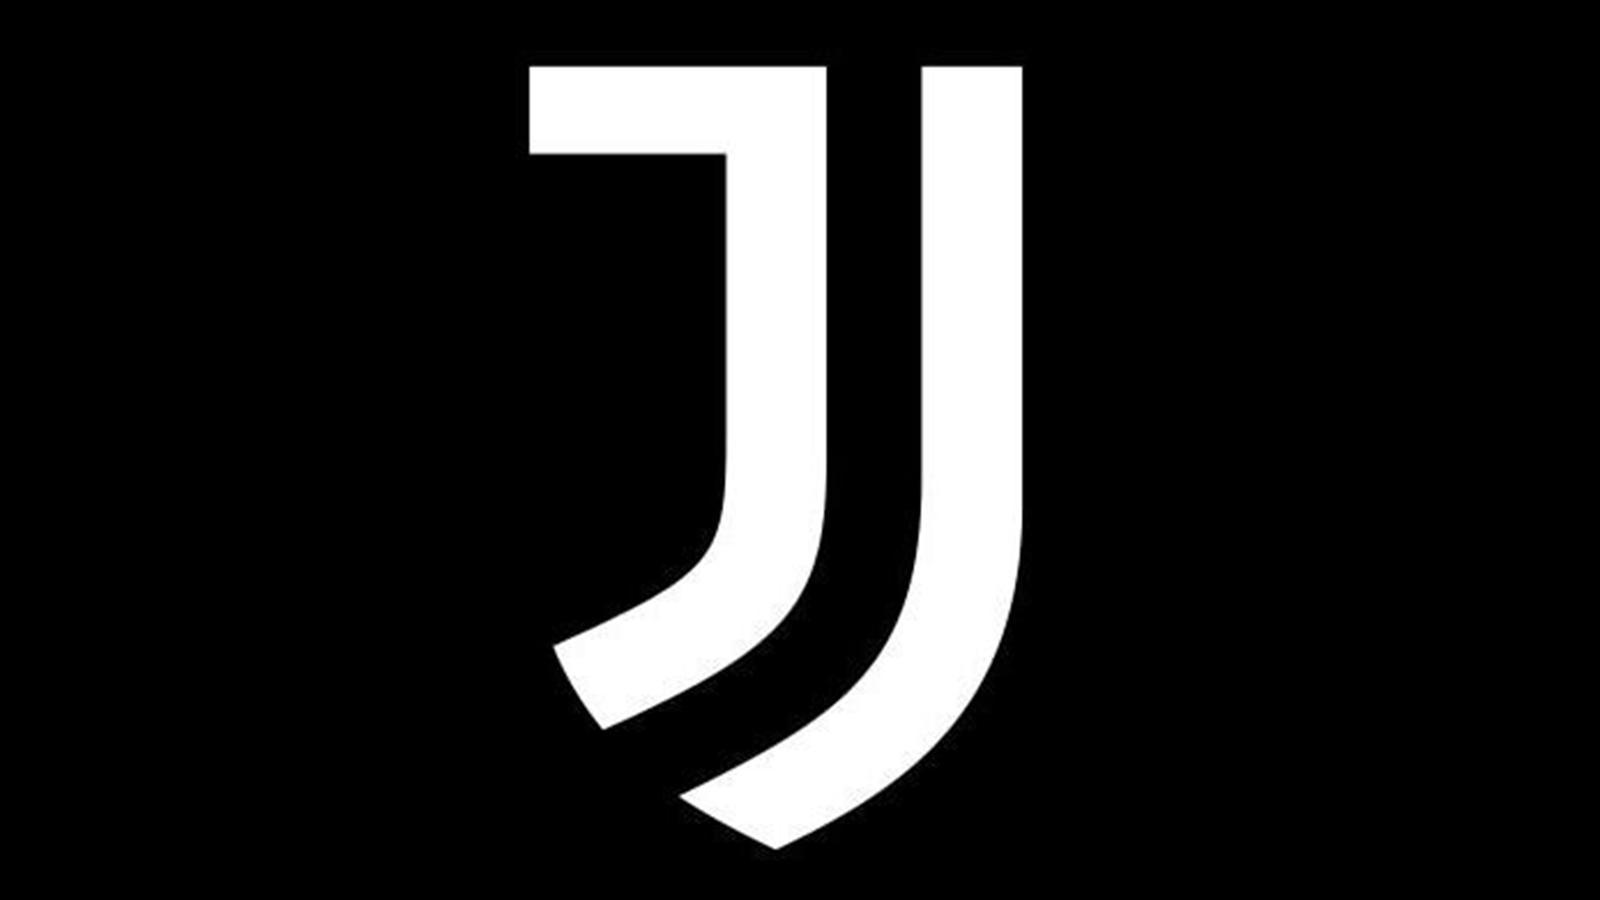 Nba Wallpaper Iphone La Juventus Presenta Il Nuovo Logo Agnelli Quot Definisce Il